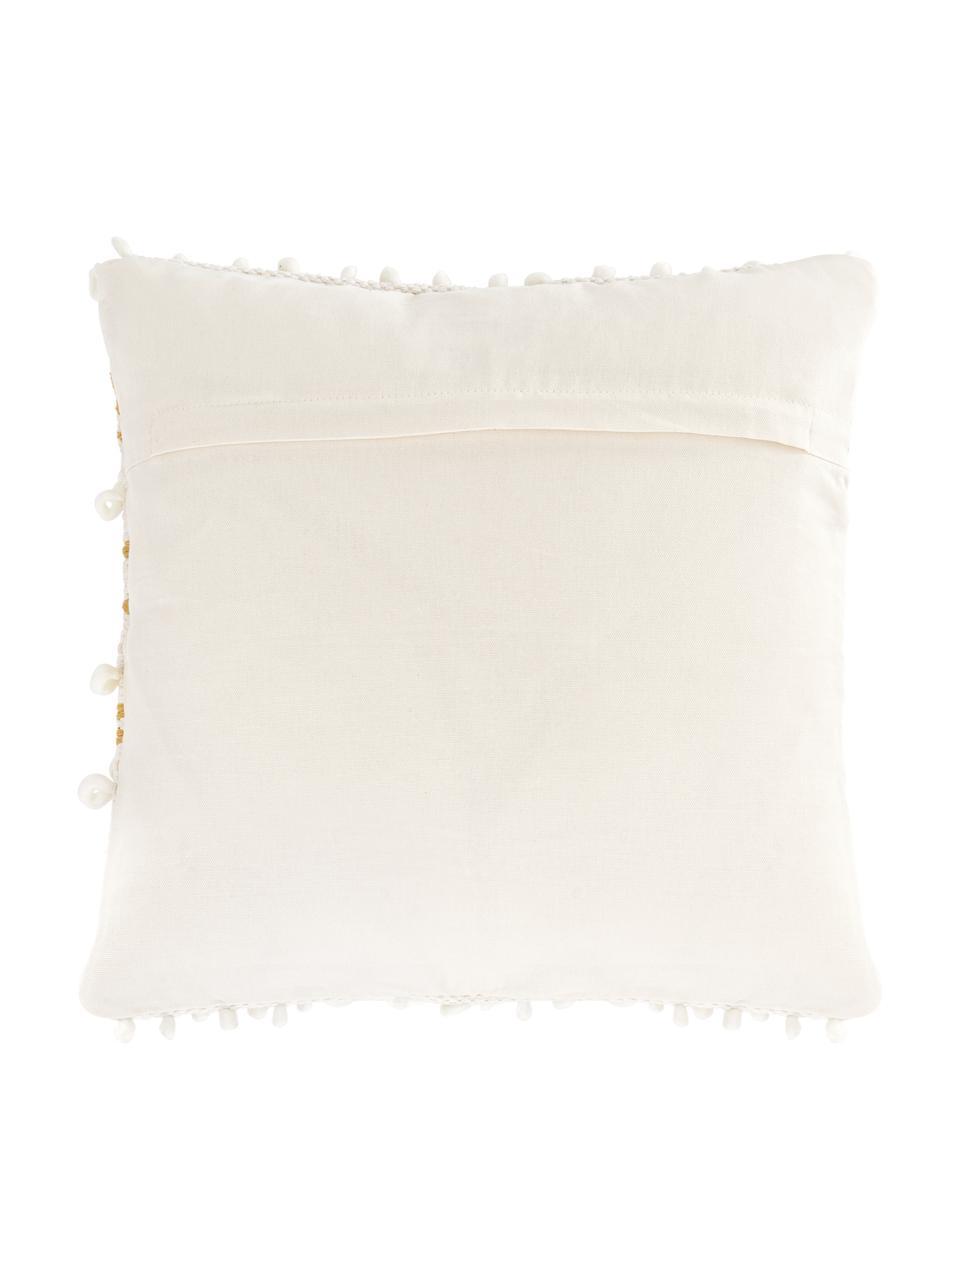 Boho Kissenhülle Paco mit dekorativer Verzierung, 80% Baumwolle, 20% Wolle, Weiß,Gelb, 45 x 45 cm